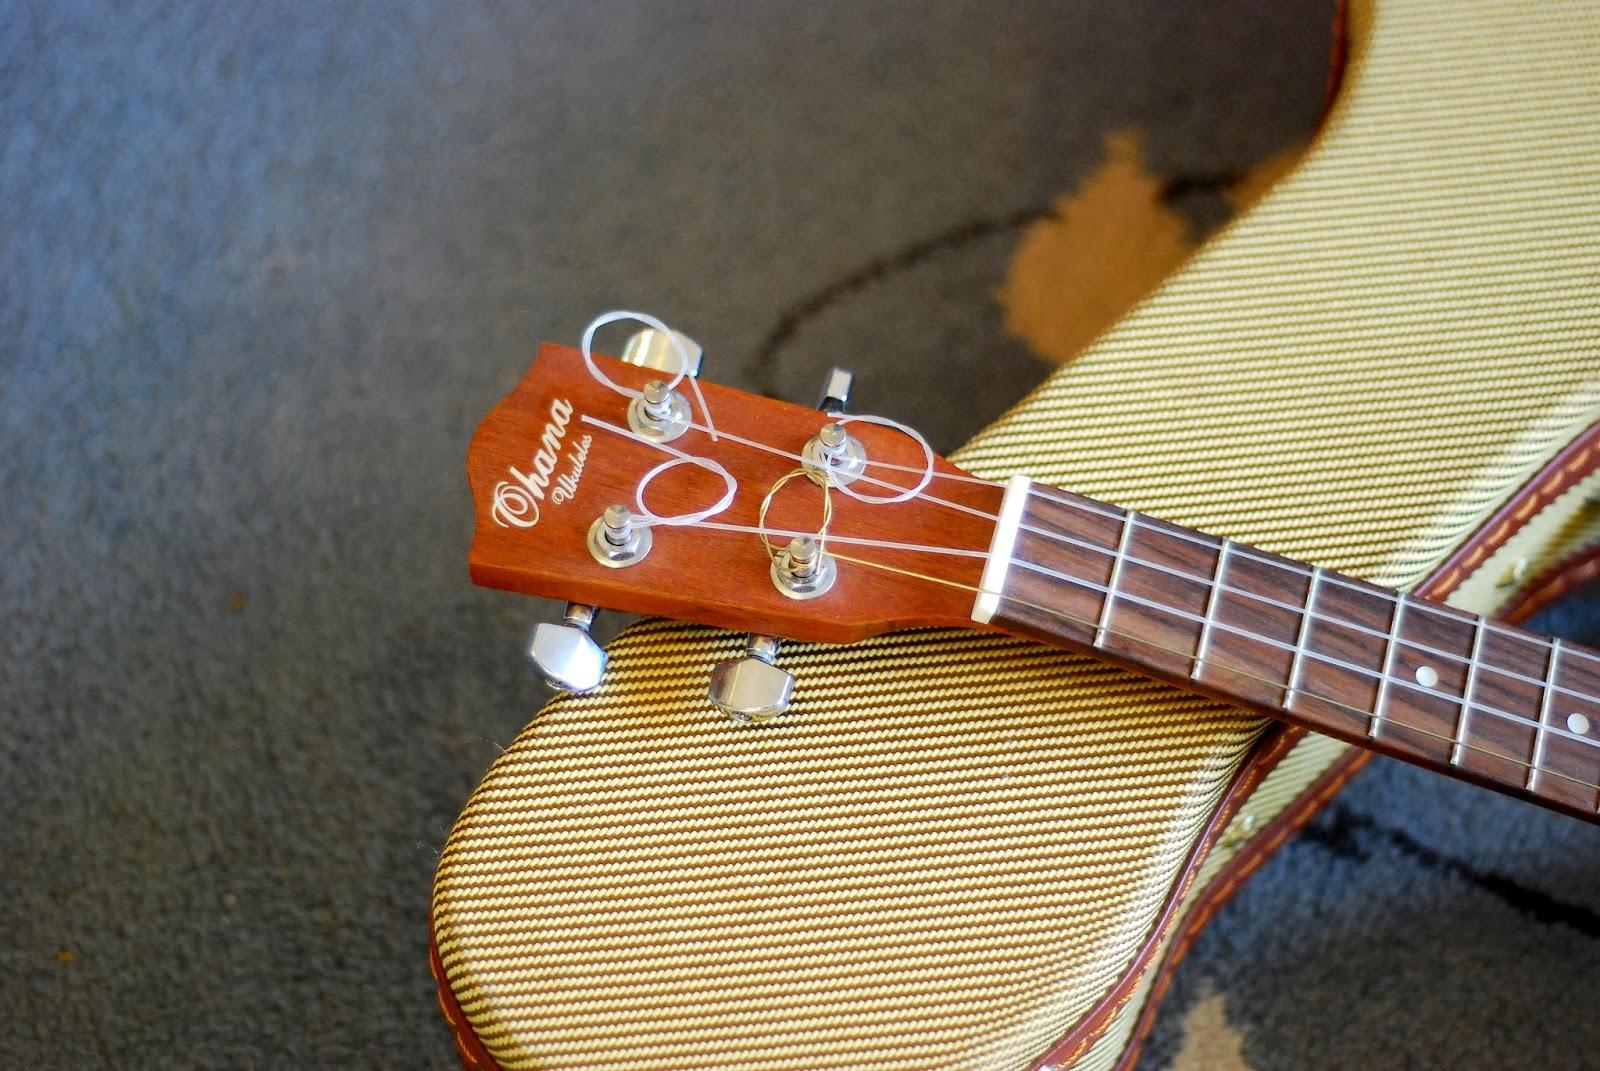 Ohana TKS-15E ukulele headstock